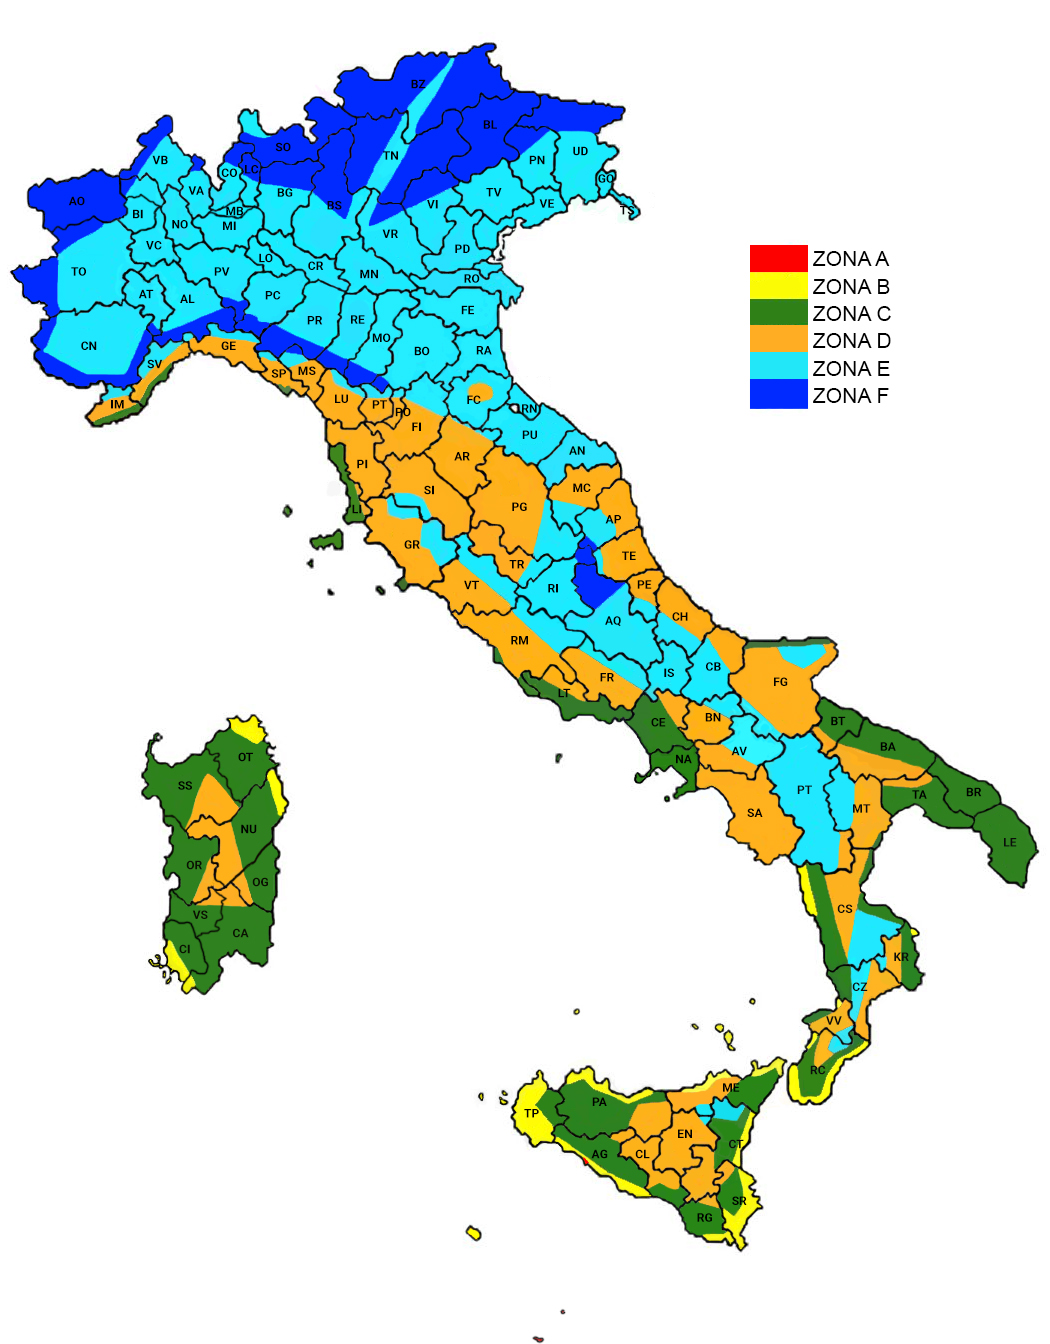 Mappa zone climatiche Italia